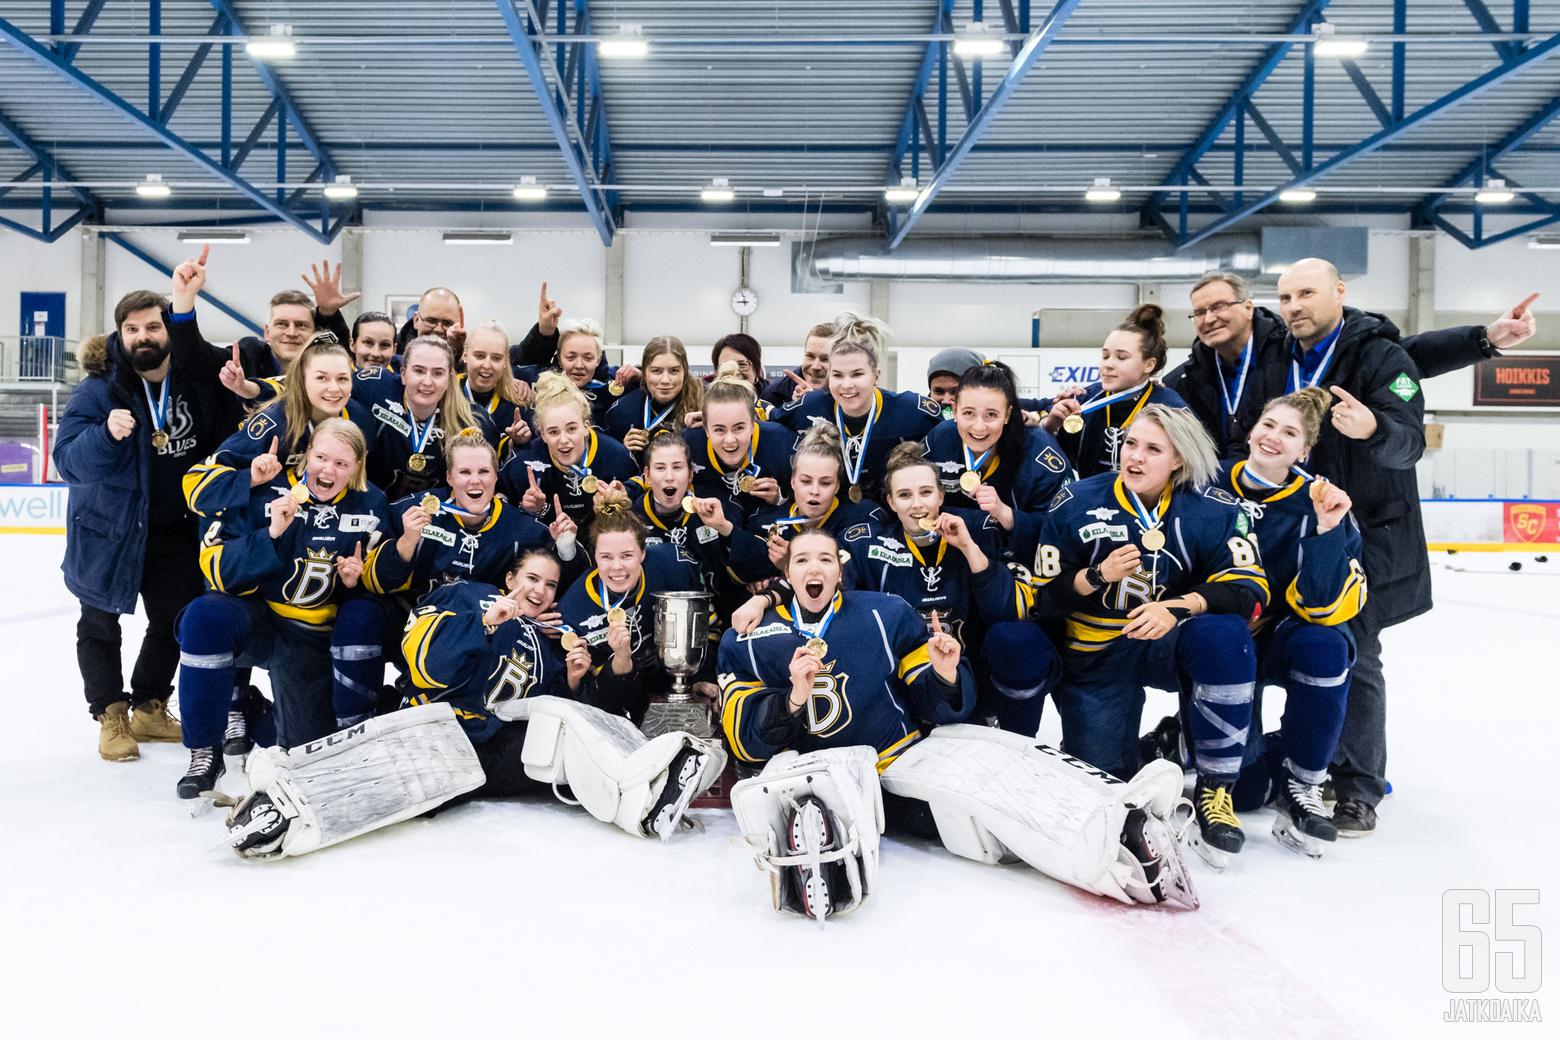 Naisten Liigan 3. finaaliottelussa Blues - Ilves, Espoonlahden jäähallissa, 21. maaliskuuta 2019.